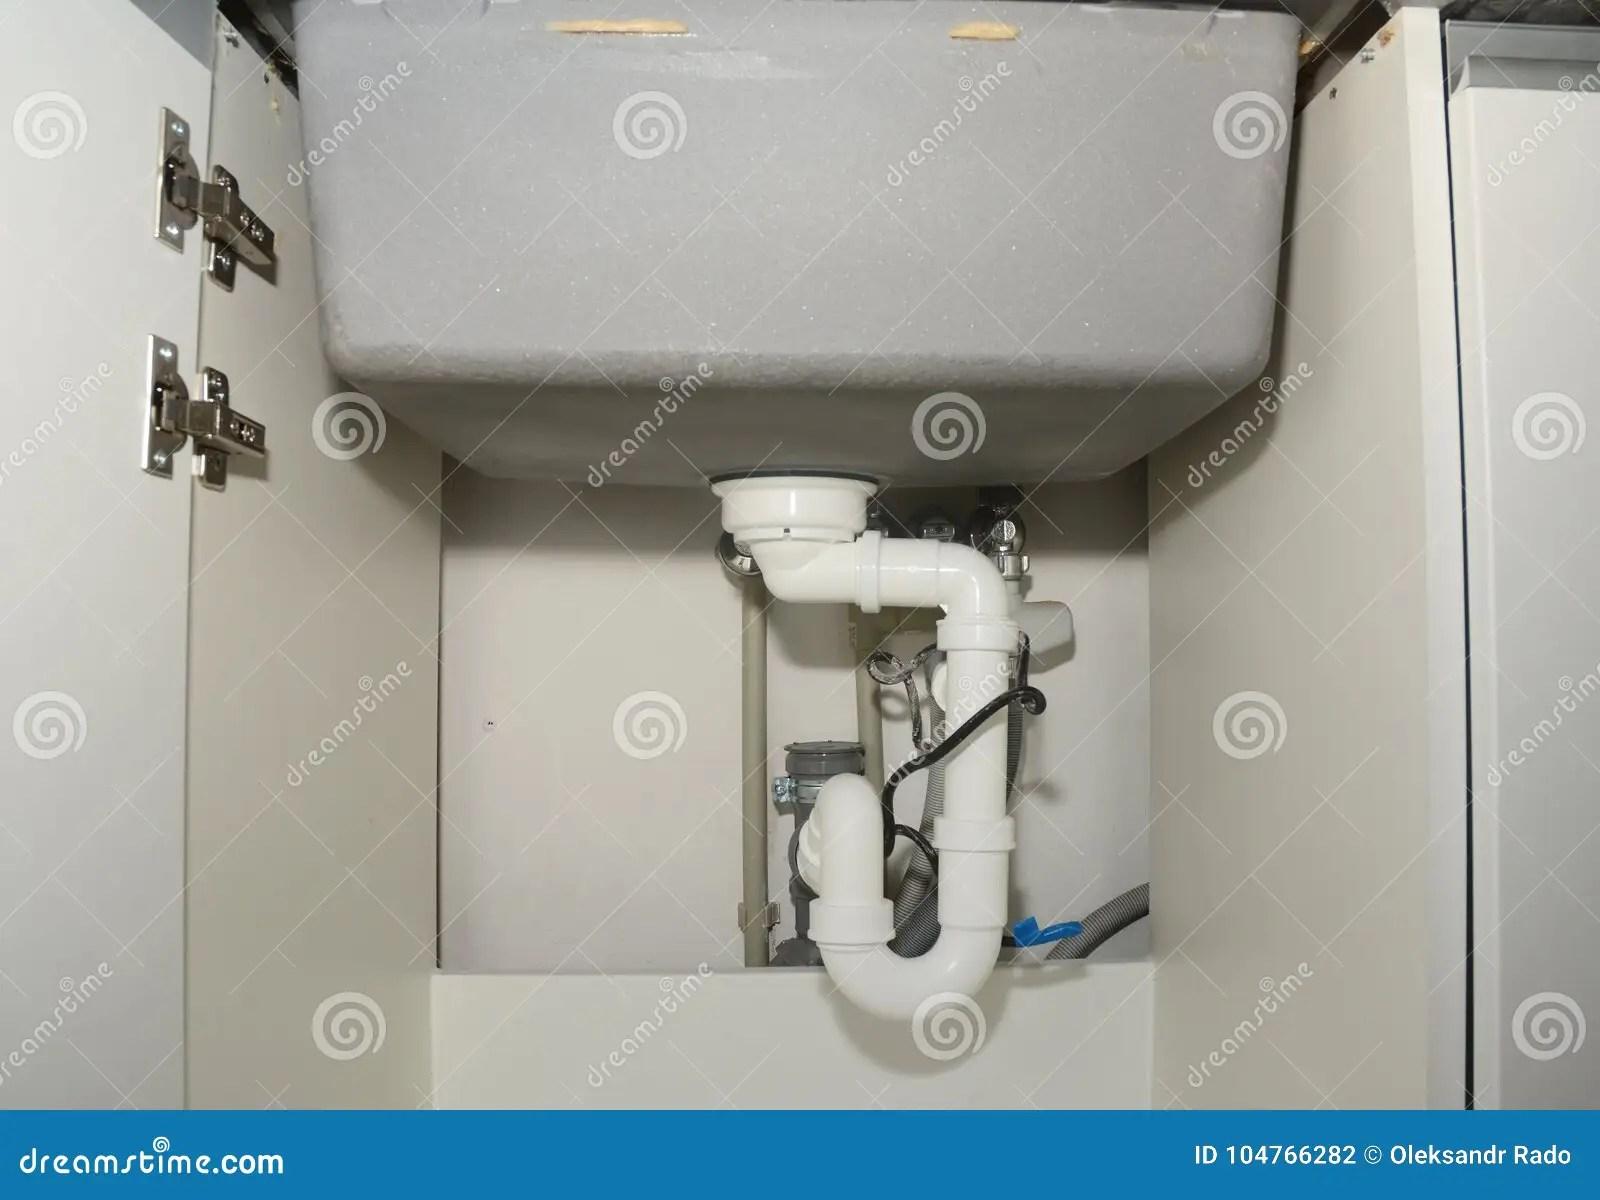 ceramic kitchen sink mats with drain hole 有测量深度落水管的管的陶瓷厨房水槽设施库存照片 图片包括有洗衣机 陷 关闭在有测量深度落水管的管的陶瓷厨房水槽设施